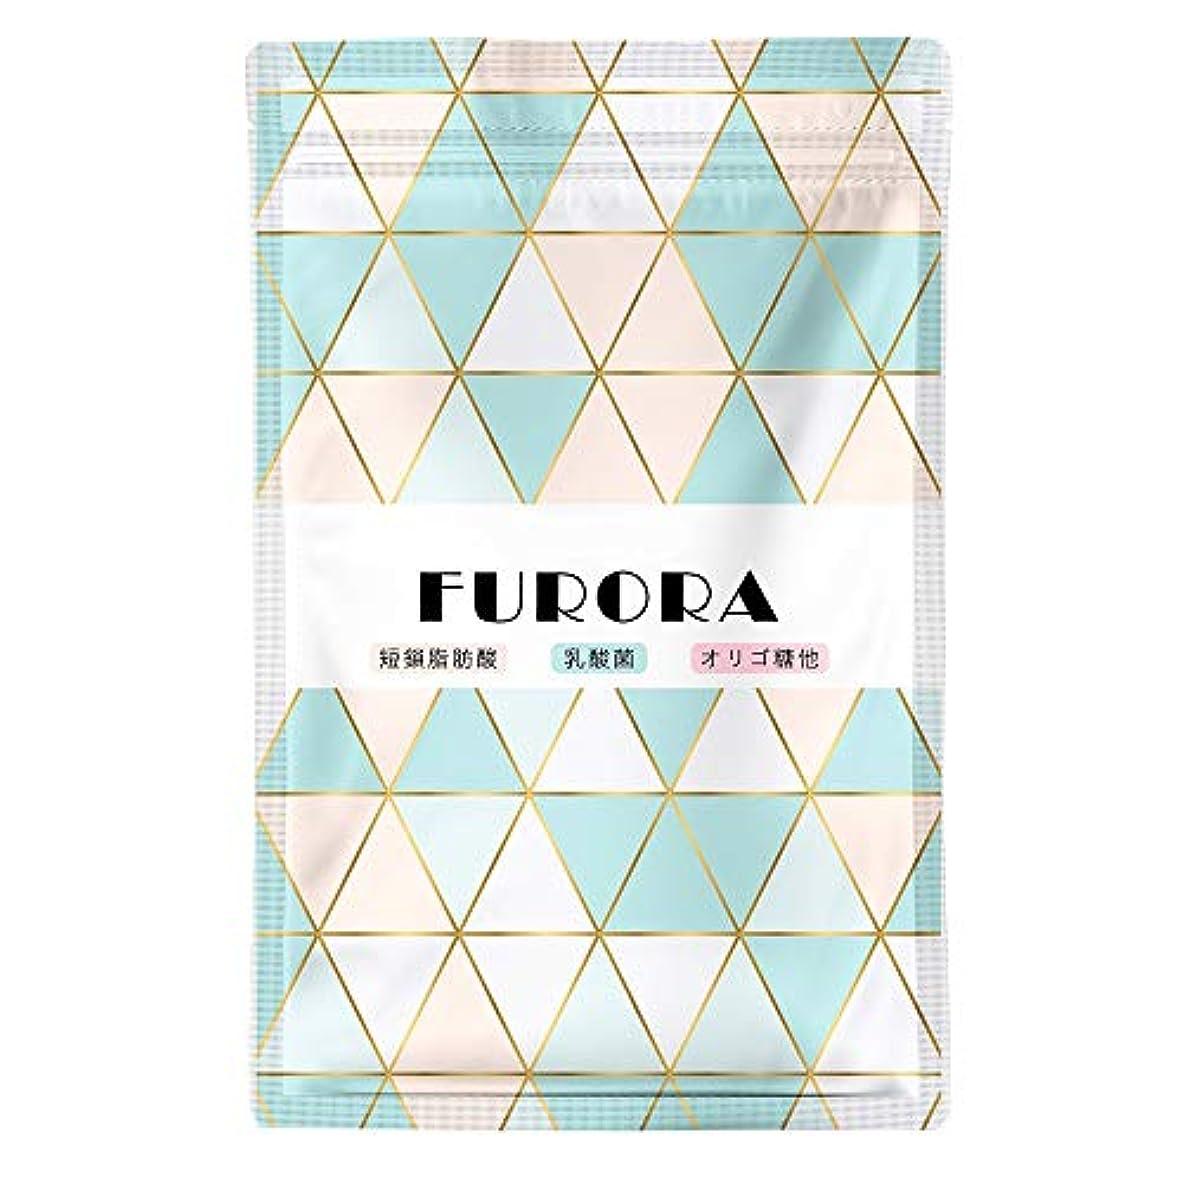 そして悪性の甘い【公式】FURORA フロラ ダイエット サプリ 乳酸菌 短鎖脂肪酸 酪酸菌 ビフィズス菌 腸内フローラ プロバイオティクス 1袋(30粒 約30日分)